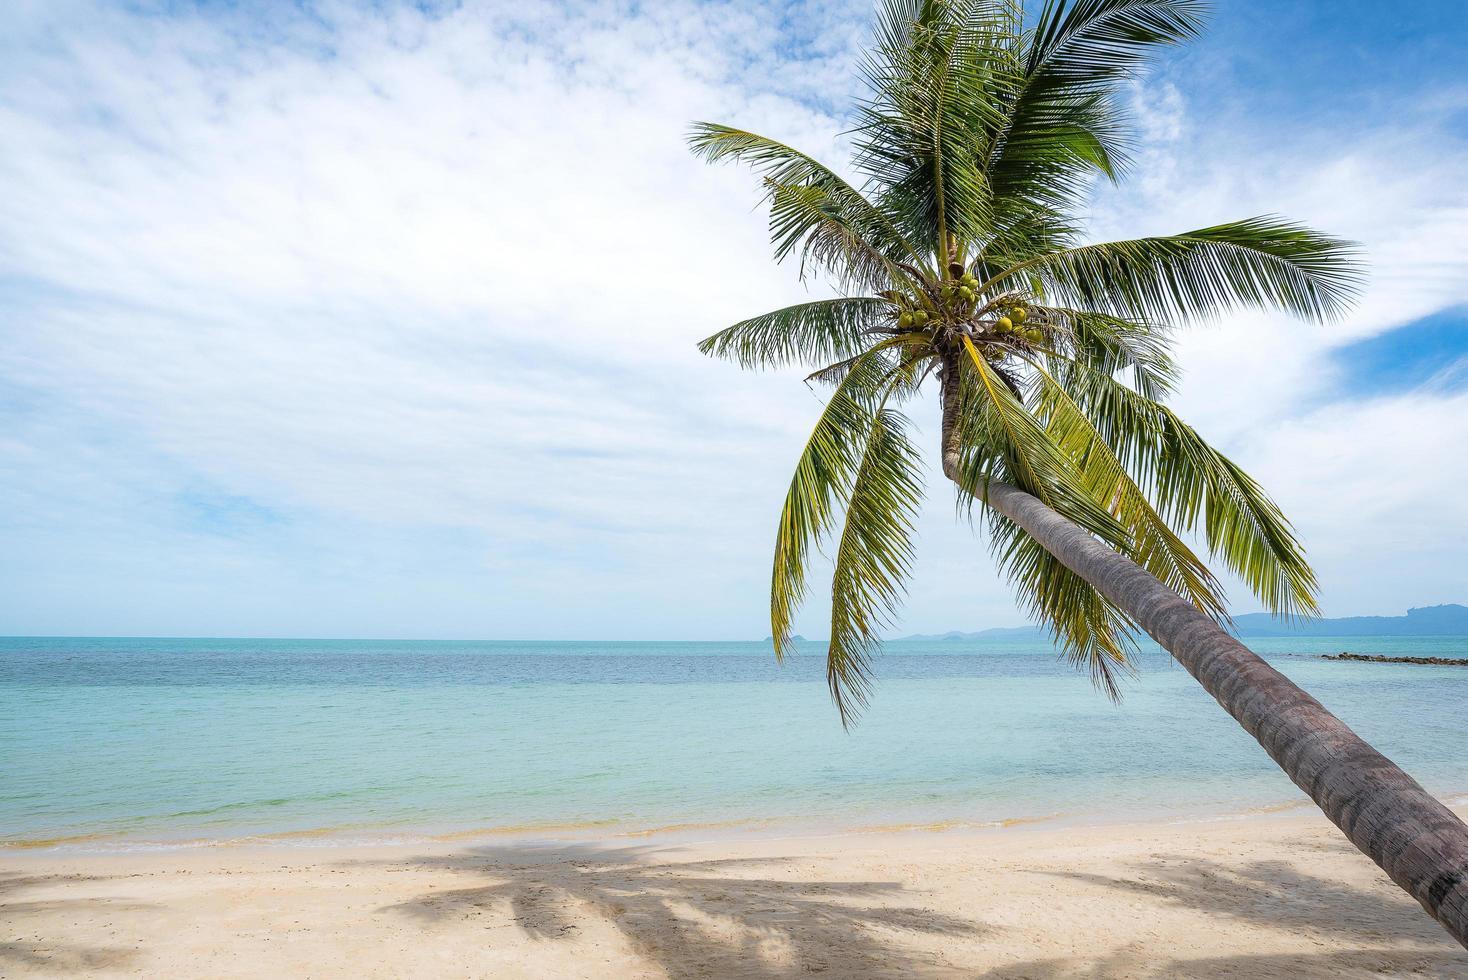 palmier sur la plage tropicale photo